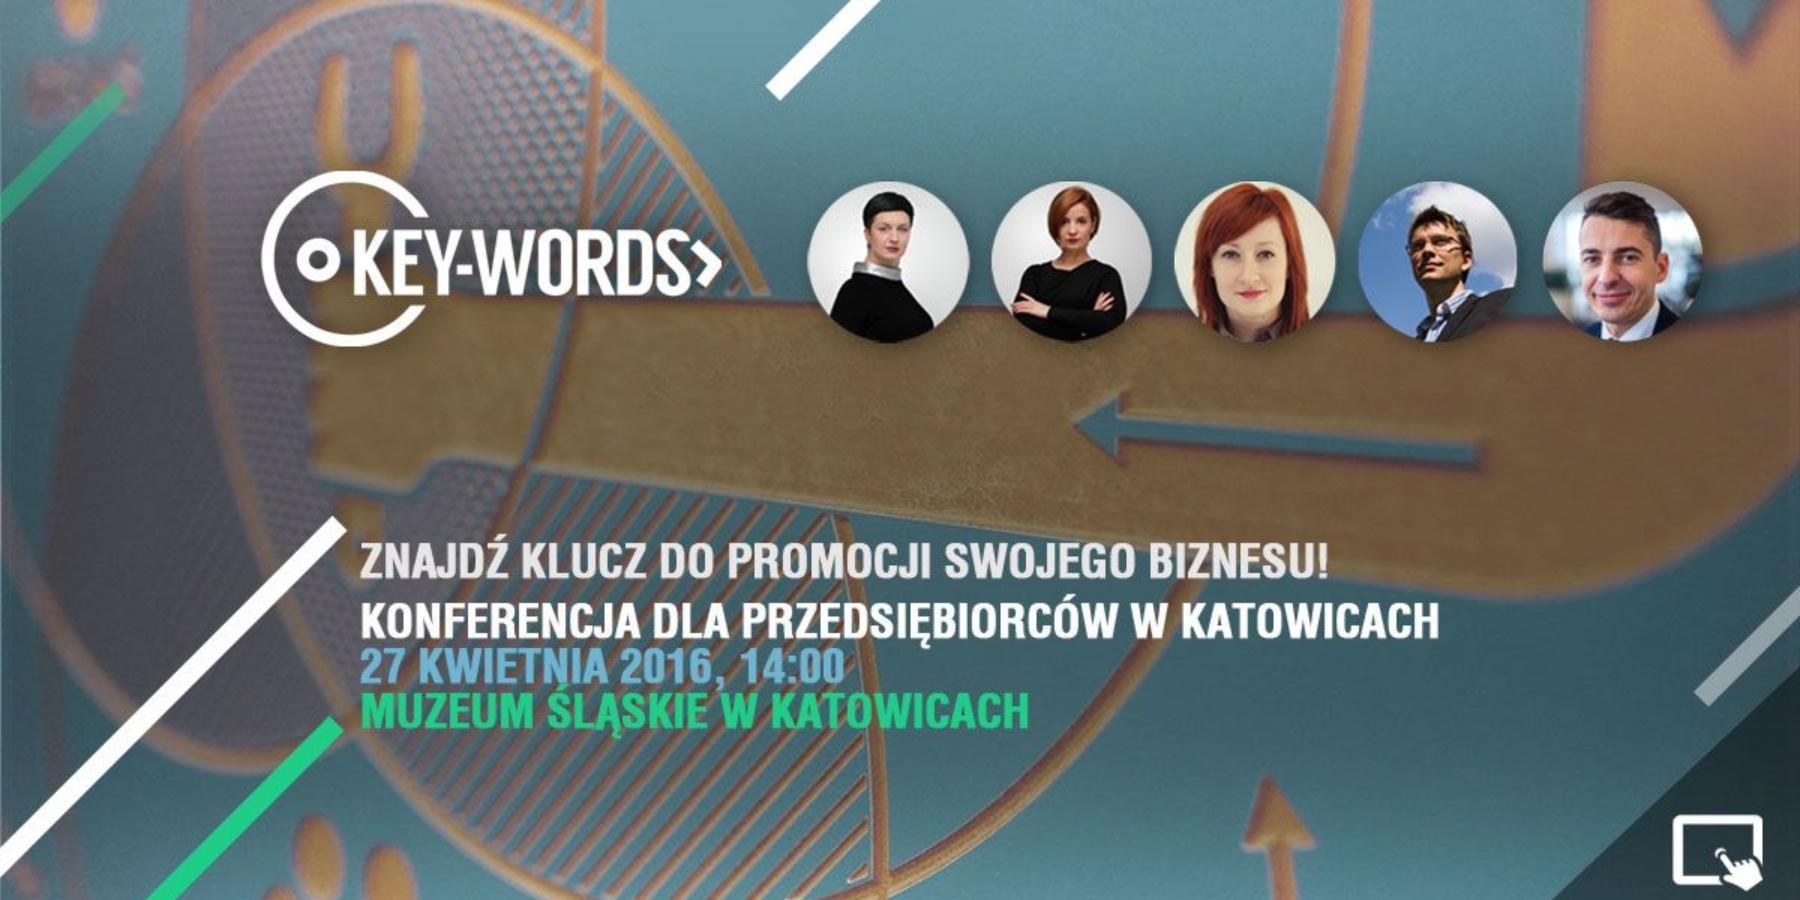 Key-Words – weź udział wkonferencji, znajdź klucz doswojego biznesu!